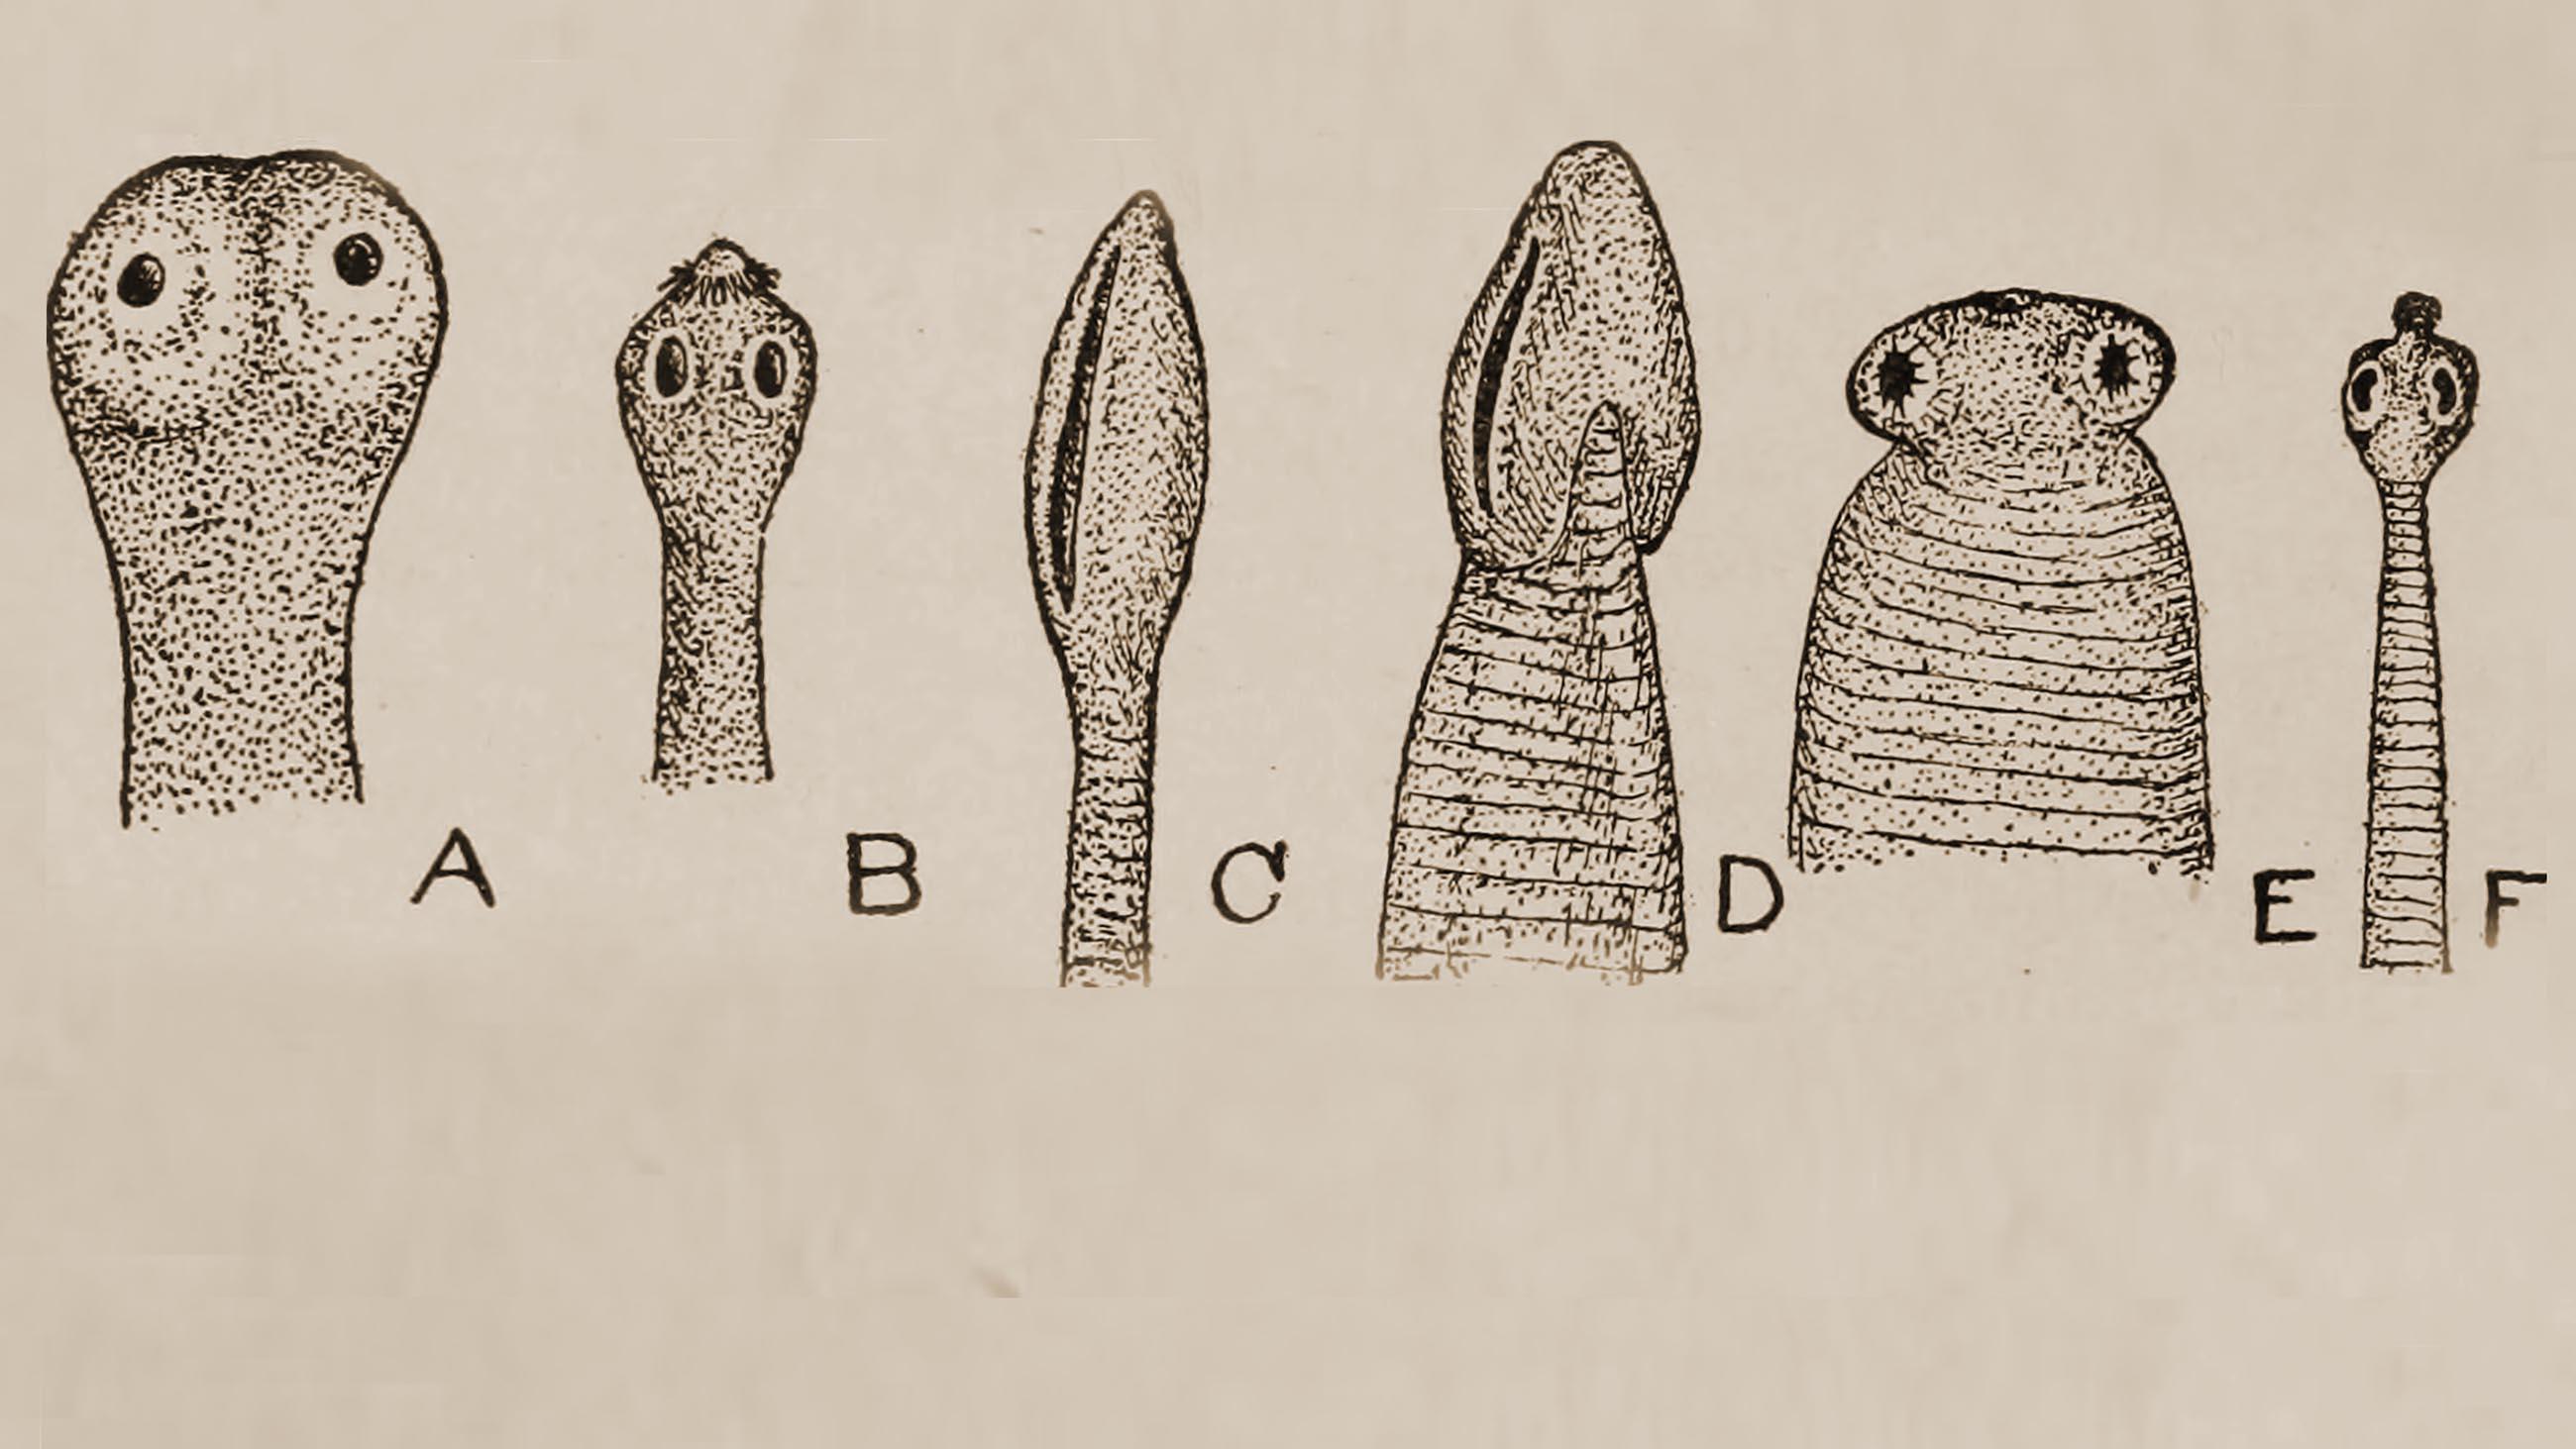 helminth parasitic worm)